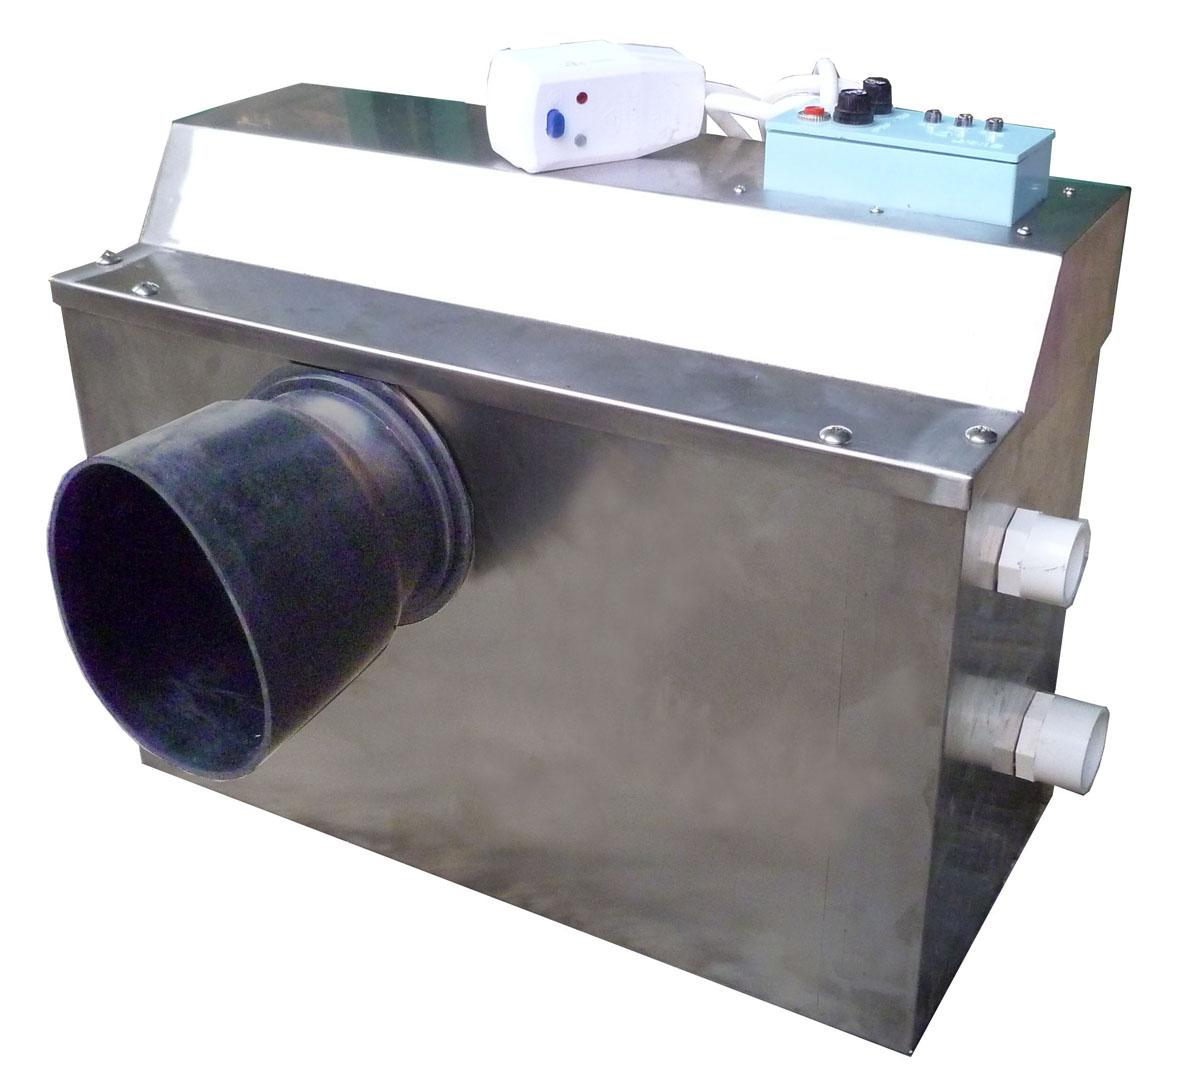 升级系统解决了:(1)将老式橡皮膜控制系统更换成污水非接触空气式控制系统;(2)增设了污水溢出声讯报警系统并强行打开副泵排出污水(这是其他泵种没有的功能);(3)解决了目前市场上电马桶系统中污水回流可能空转不排污水的真空问题。  (7系列双泵原理图) 二、主要技术数据: 1.